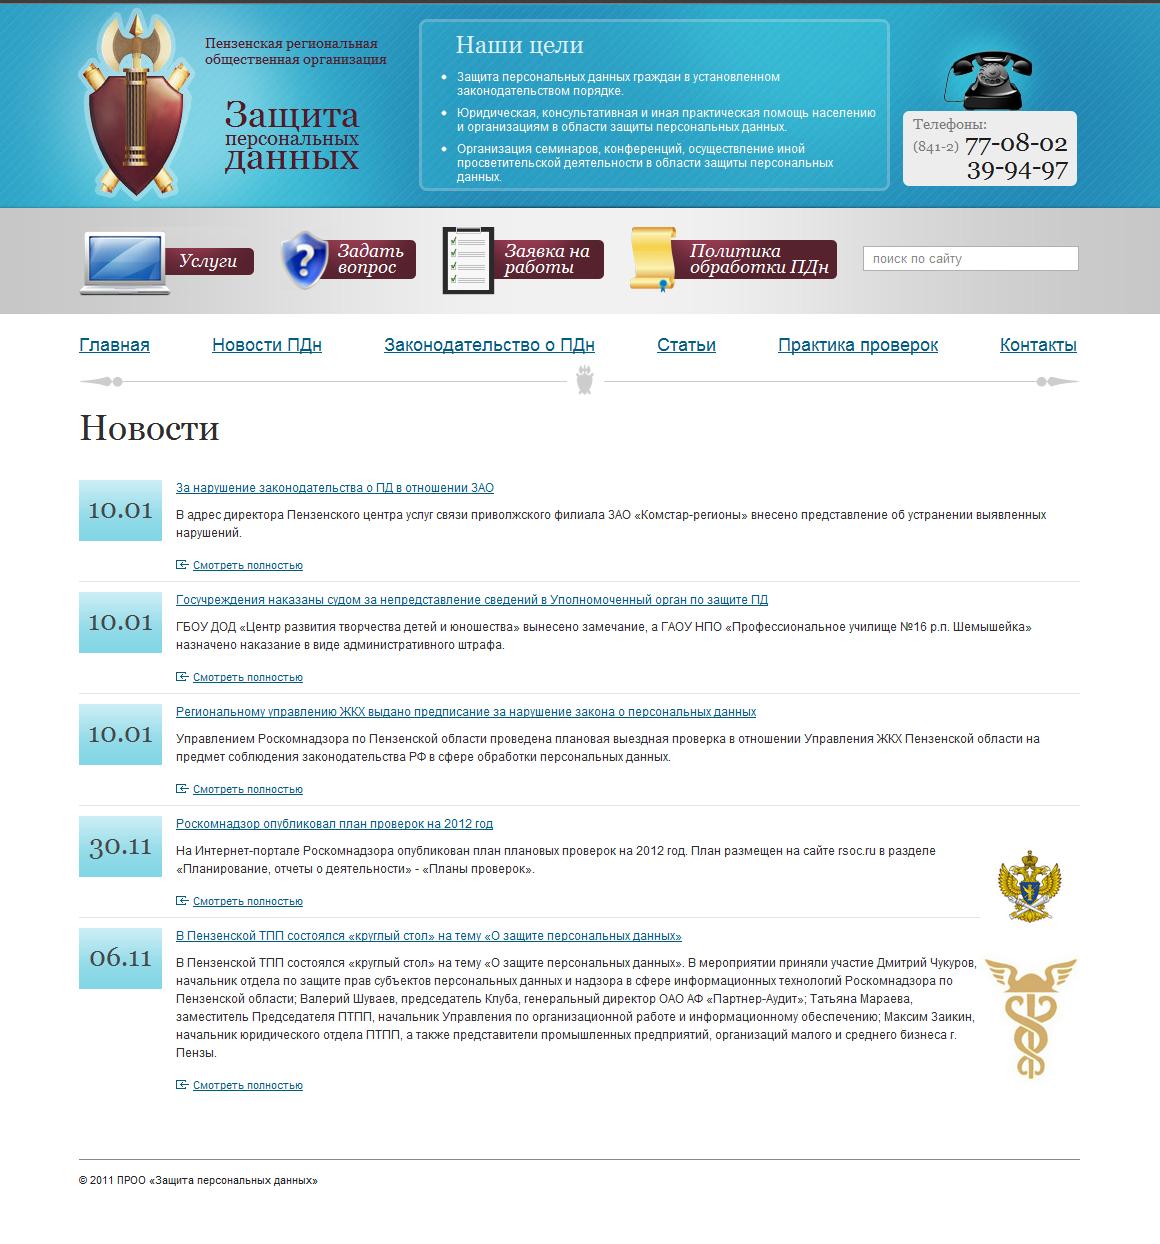 Пензенская региональная общественная организация «Защита персональных данных»